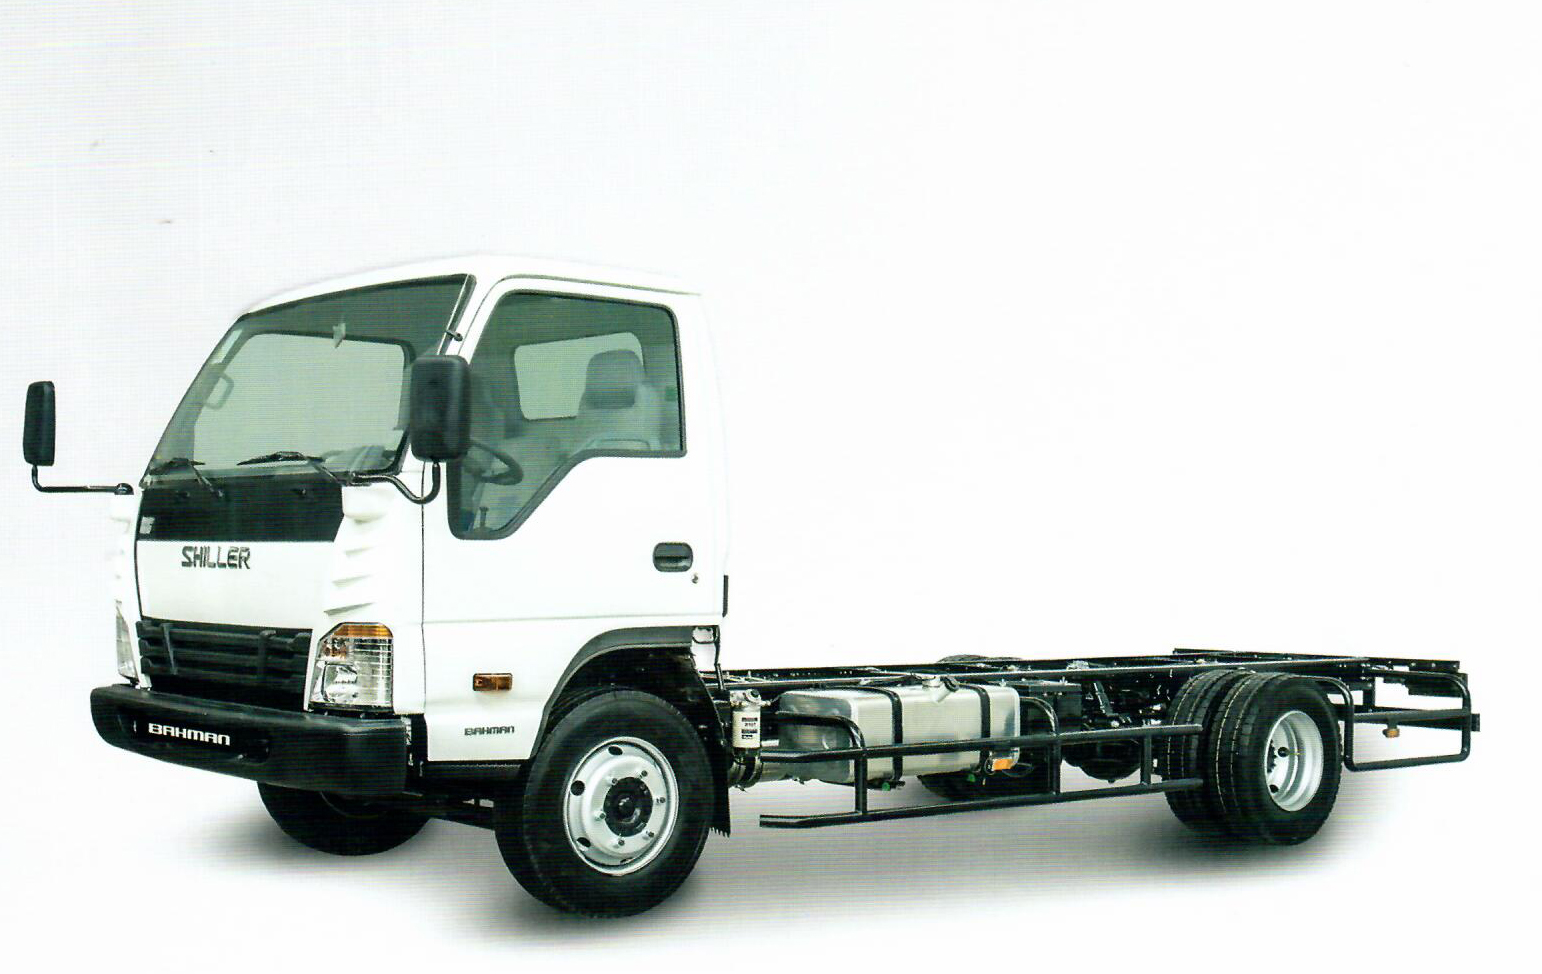 کامیونت شیلر Shiller - تراکس کار